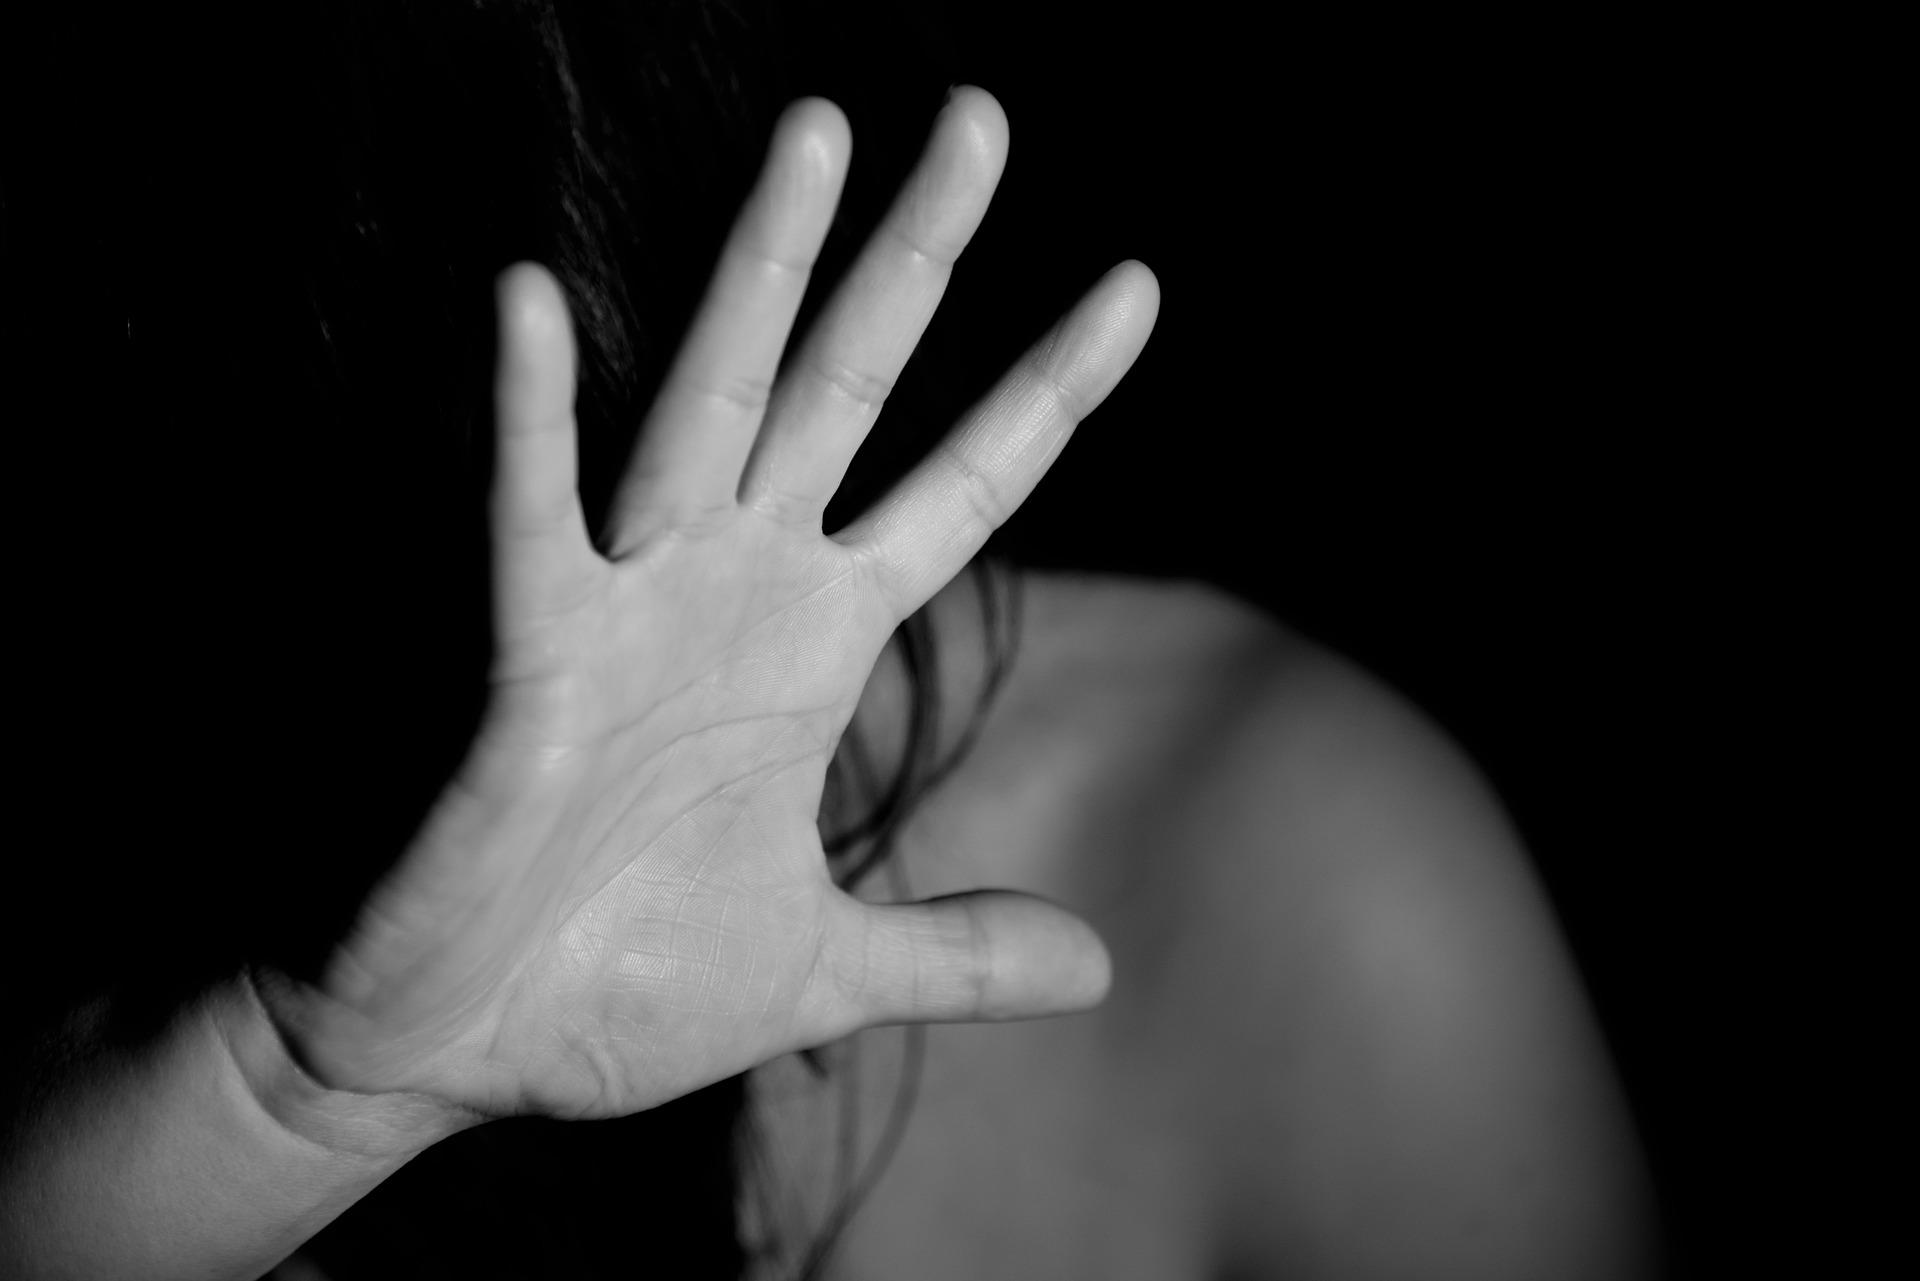 pretexte ca sa nu faci sex - sfatulparintilor.ro - pixabay_com - hand-1832921_1920